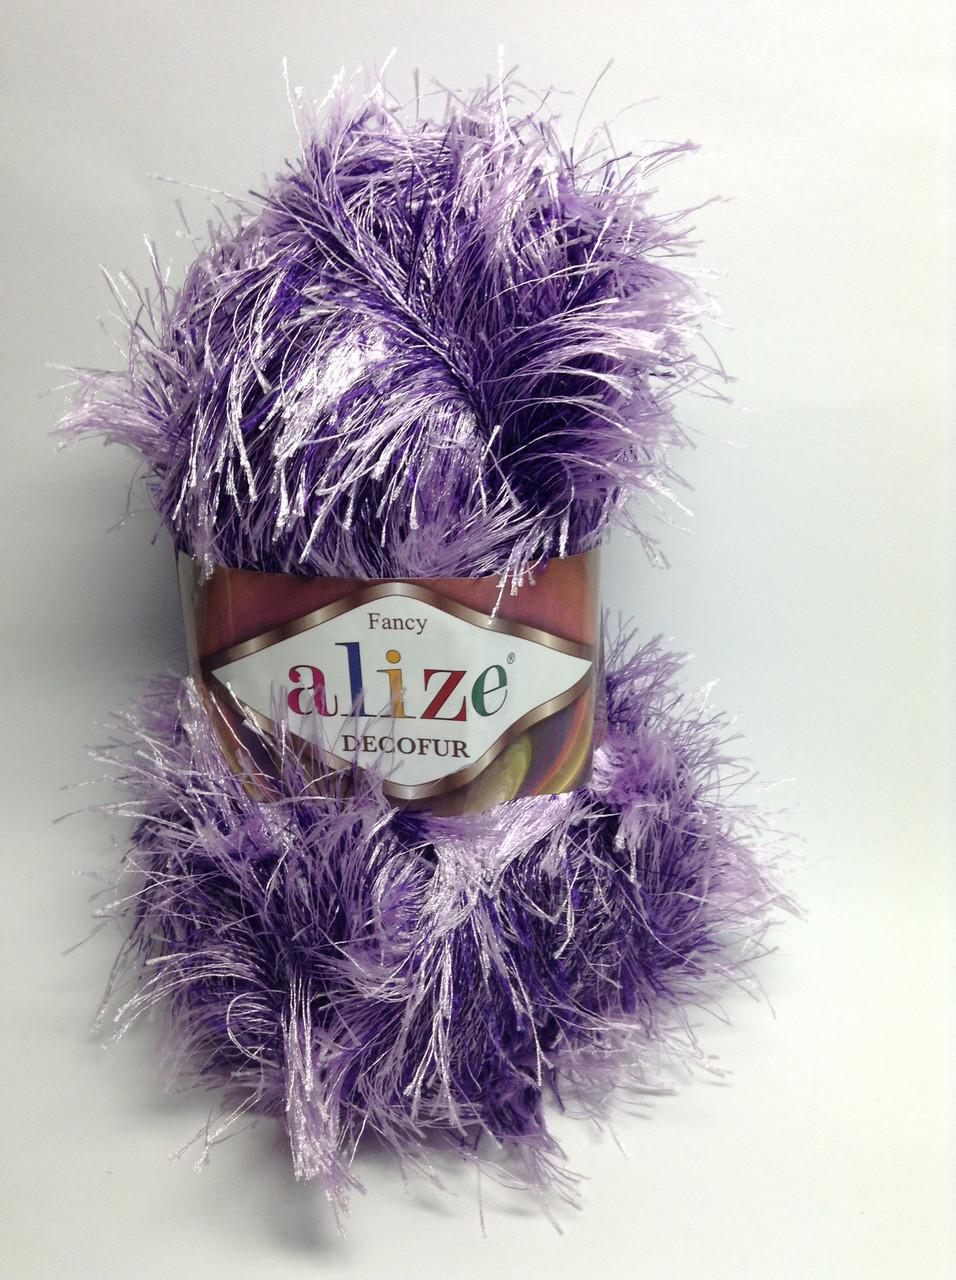 Пряжа decofur Alize (травка) - сиренево-фиолетовая